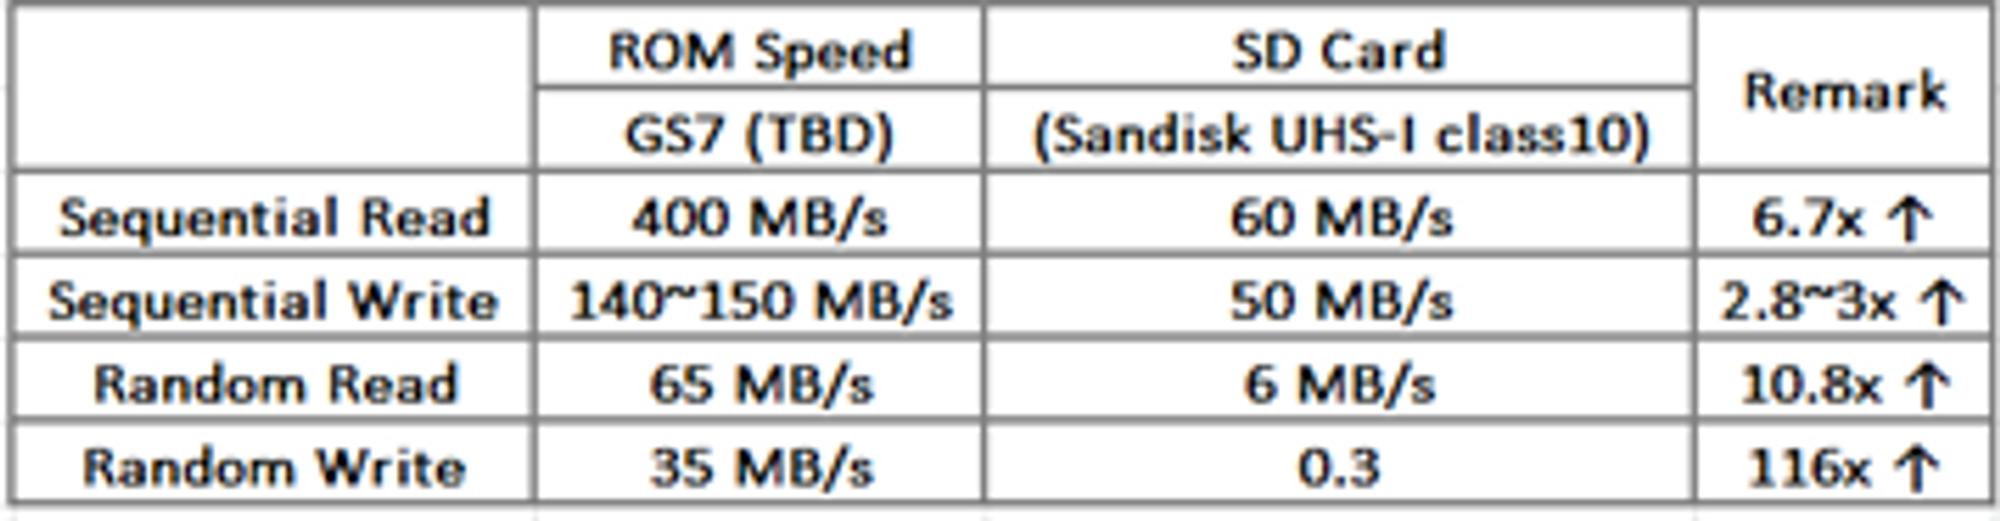 Da vi spurte hvorfor ikke Samsung lar oss integrere SD-kort med den interne lagringen fikk vi denne plansjen tilbake. «Å integrere SD-kort med det interne minnet ville gitt en for treg brukeropplevelse», forklarte Samsung videre. Med hastighetsforskjeller på over 100-gangeren i noen tilfeller virker dette fornuftig.